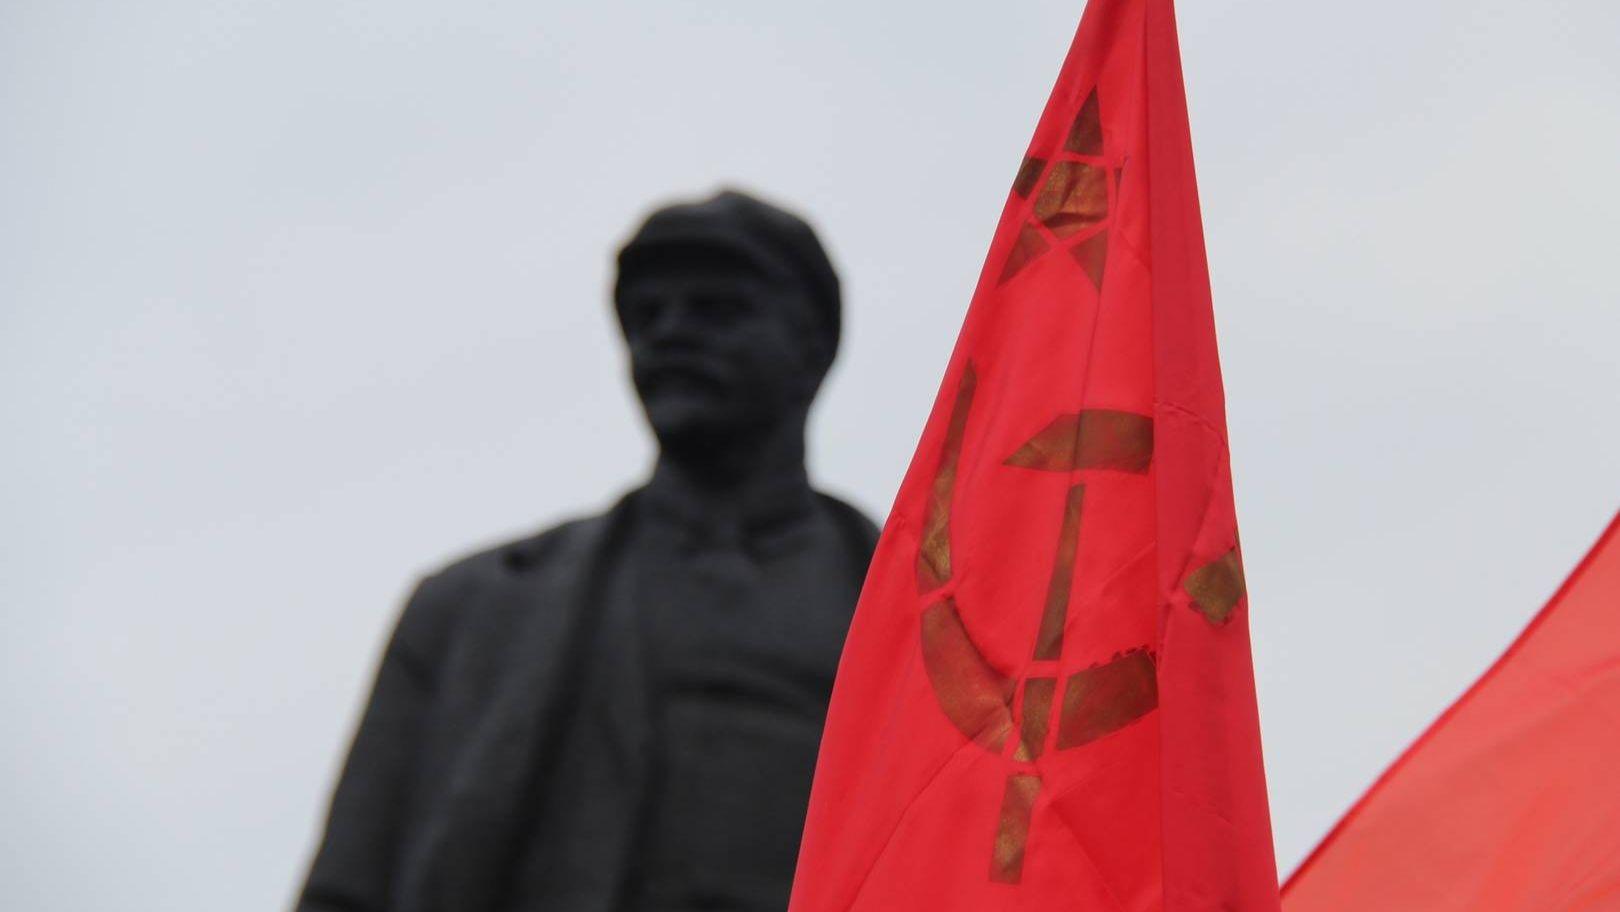 Ленин. Красный флаг. Донецк. ДНР. 2016.